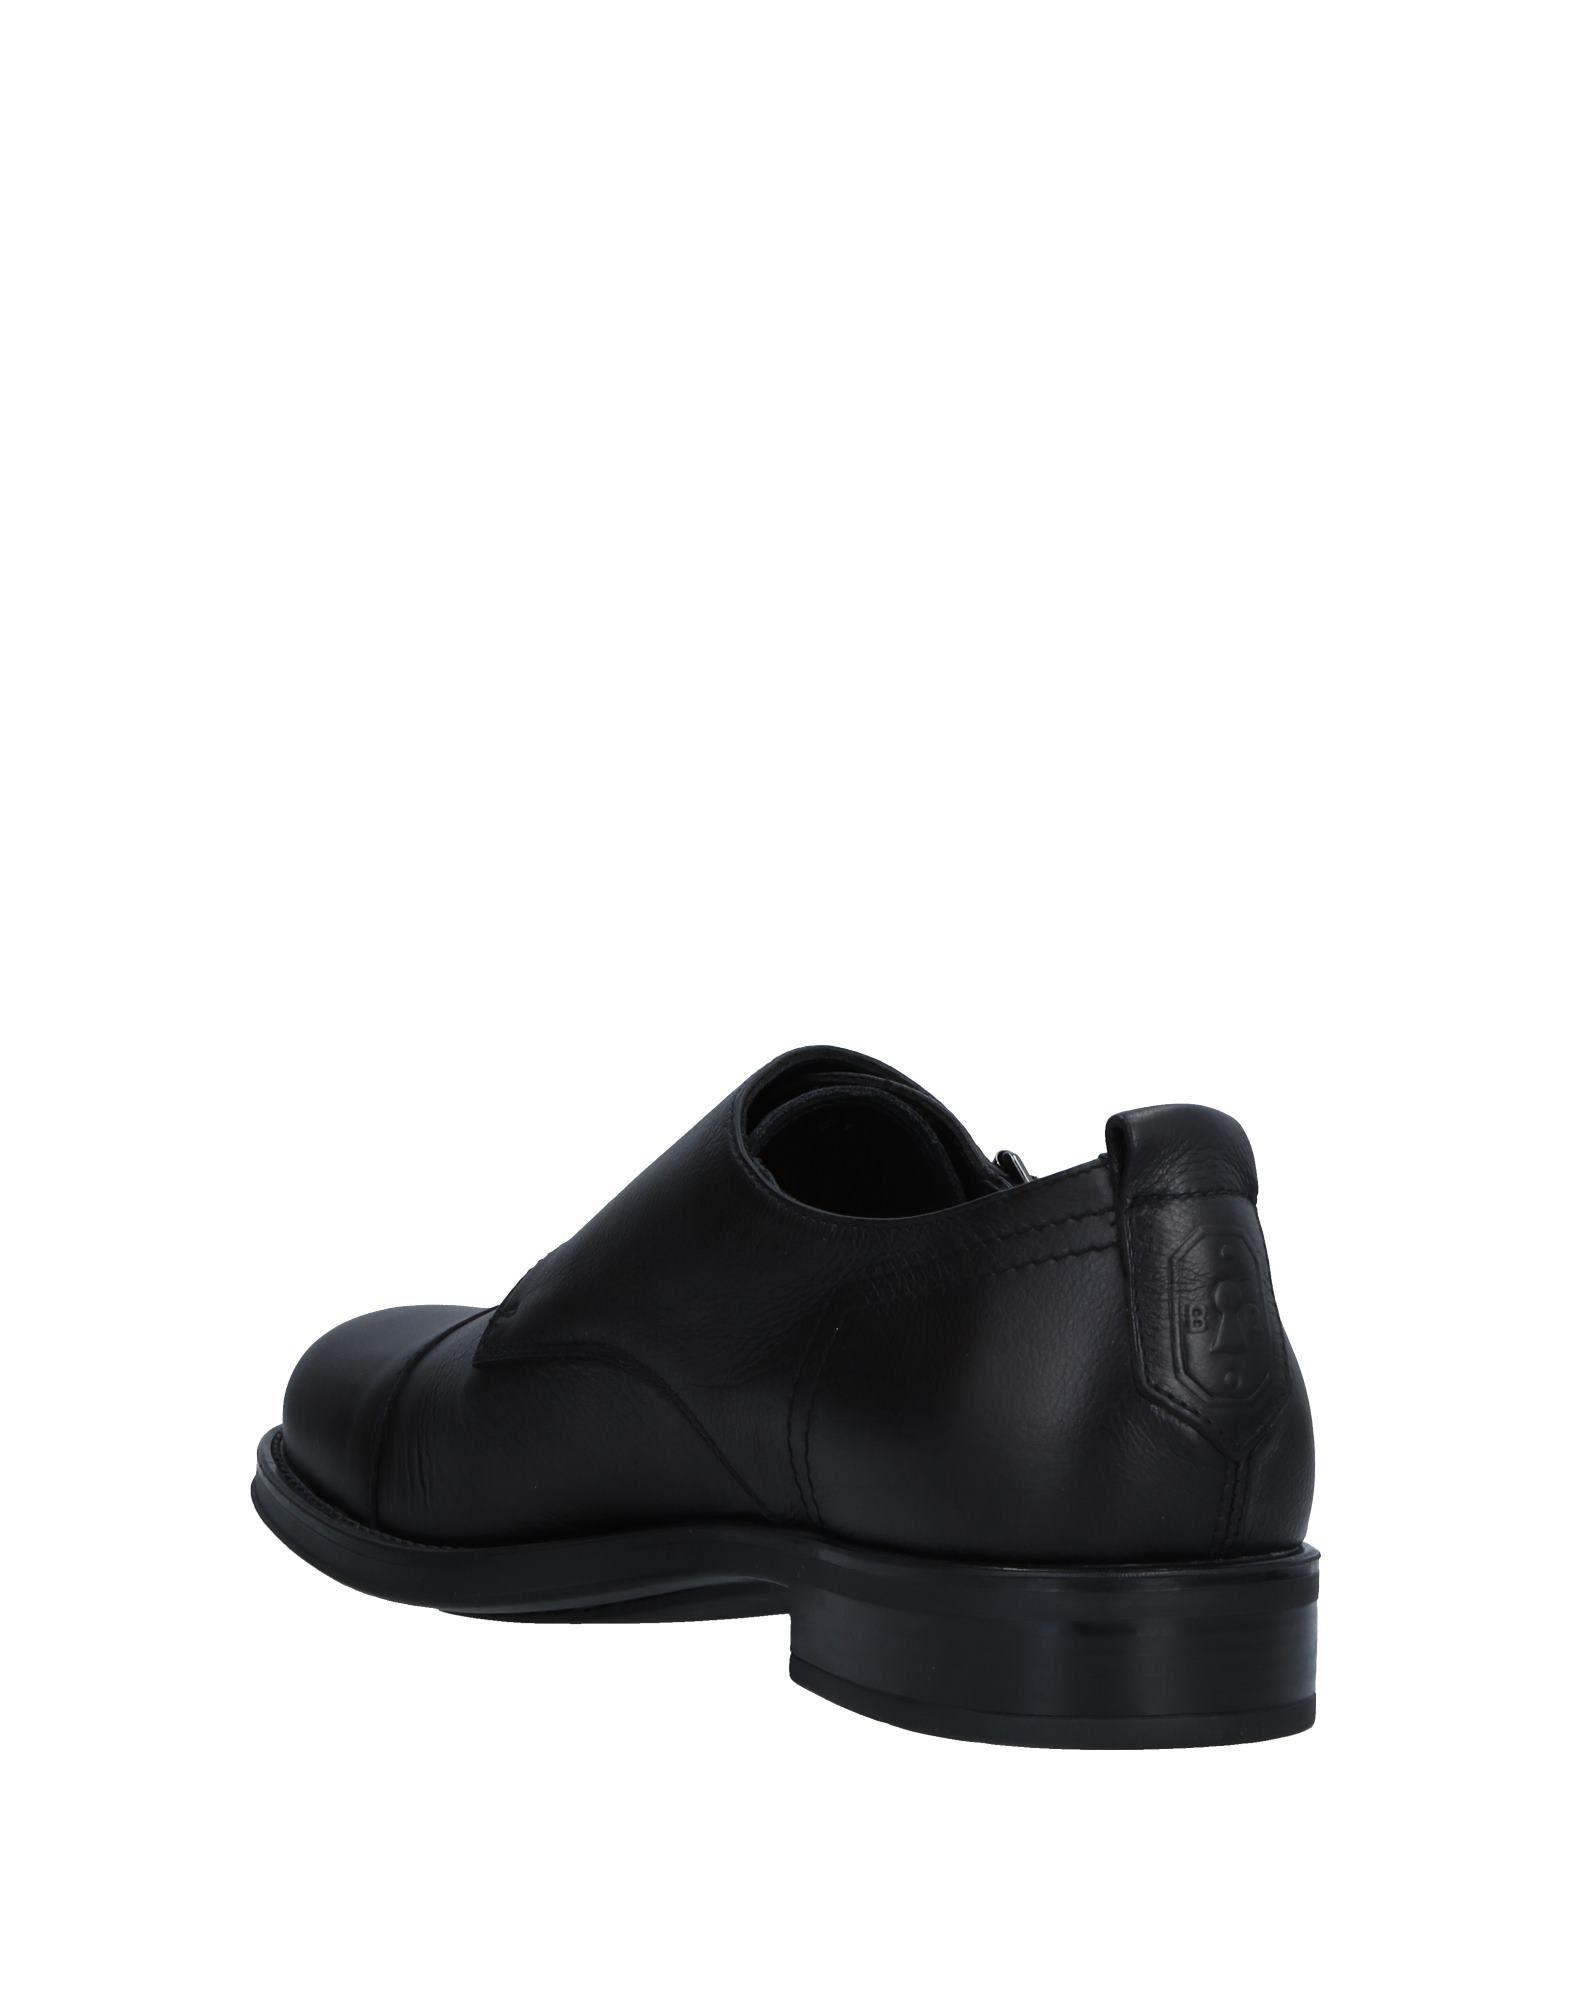 Bruno Bordese Mokassins Herren  11528710MM Gute Qualität beliebte Schuhe